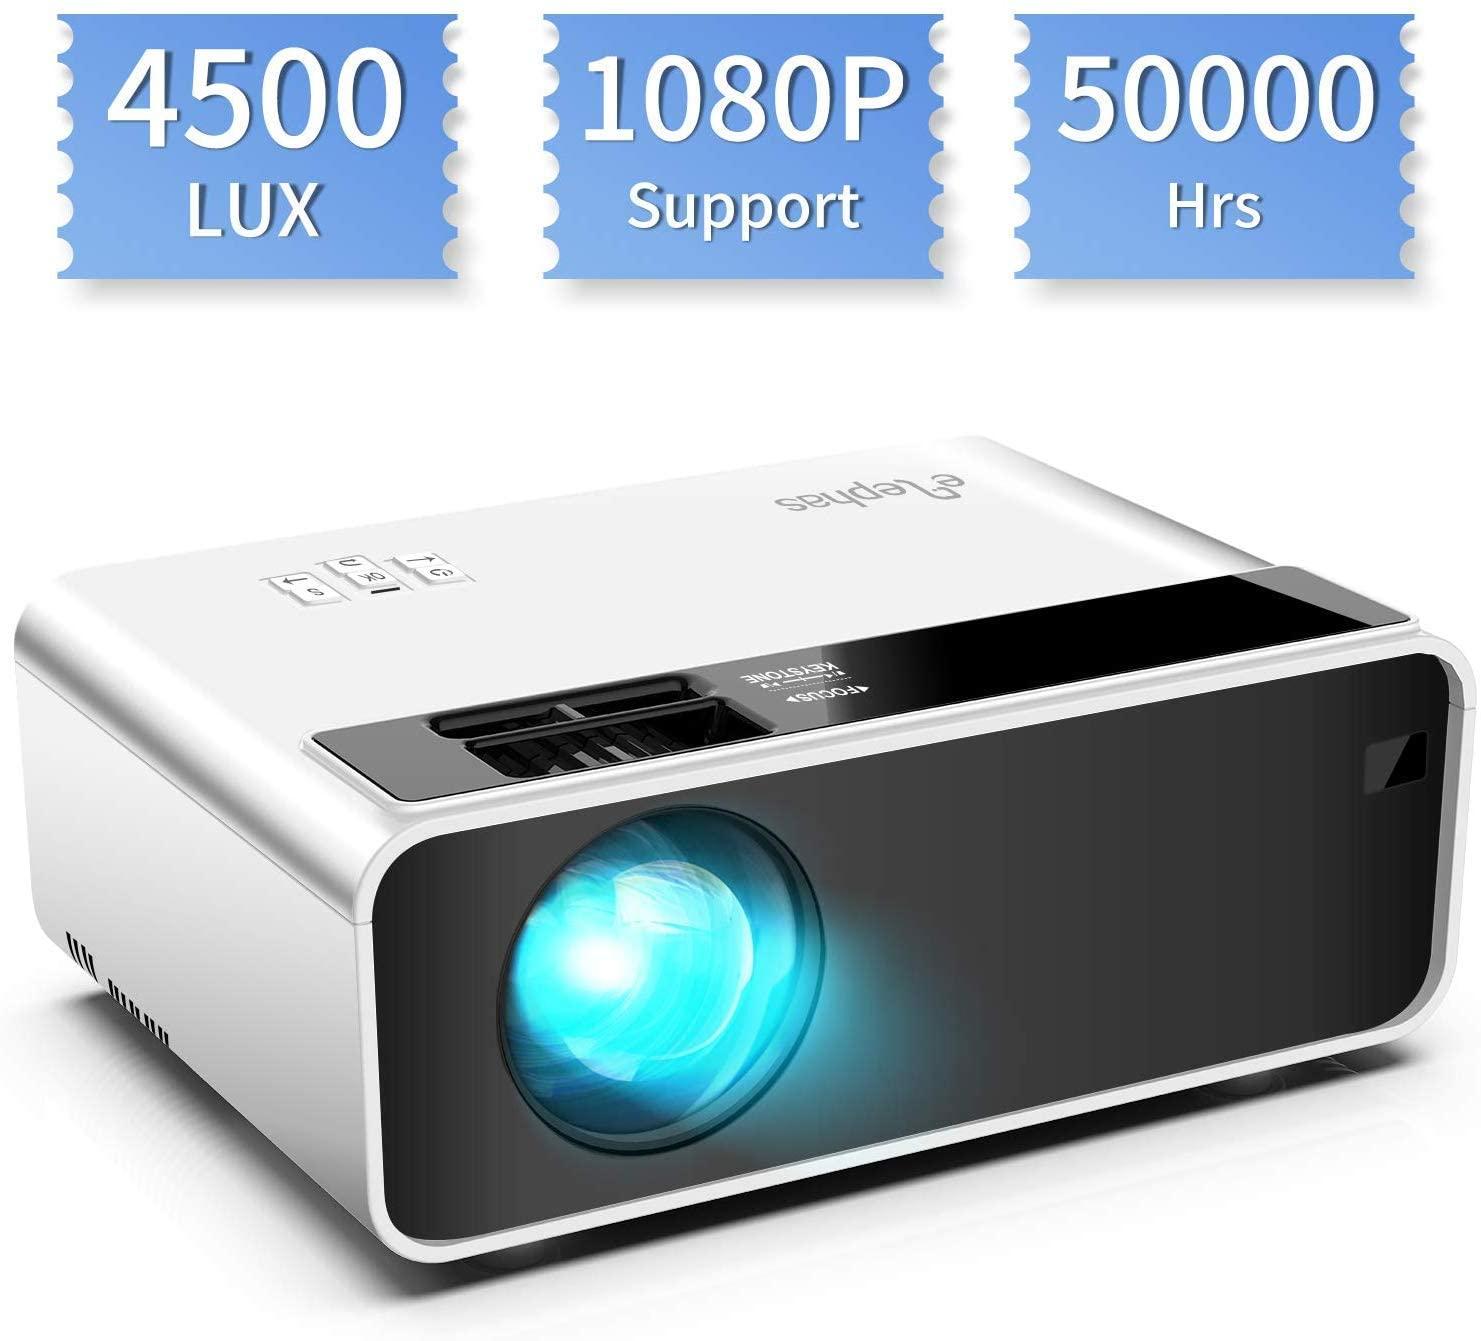 Mini proyector, ELEPHAS Video Proyector 4500 Lux Proyector de Cine en casa portátil LED de Larga duración 1080P